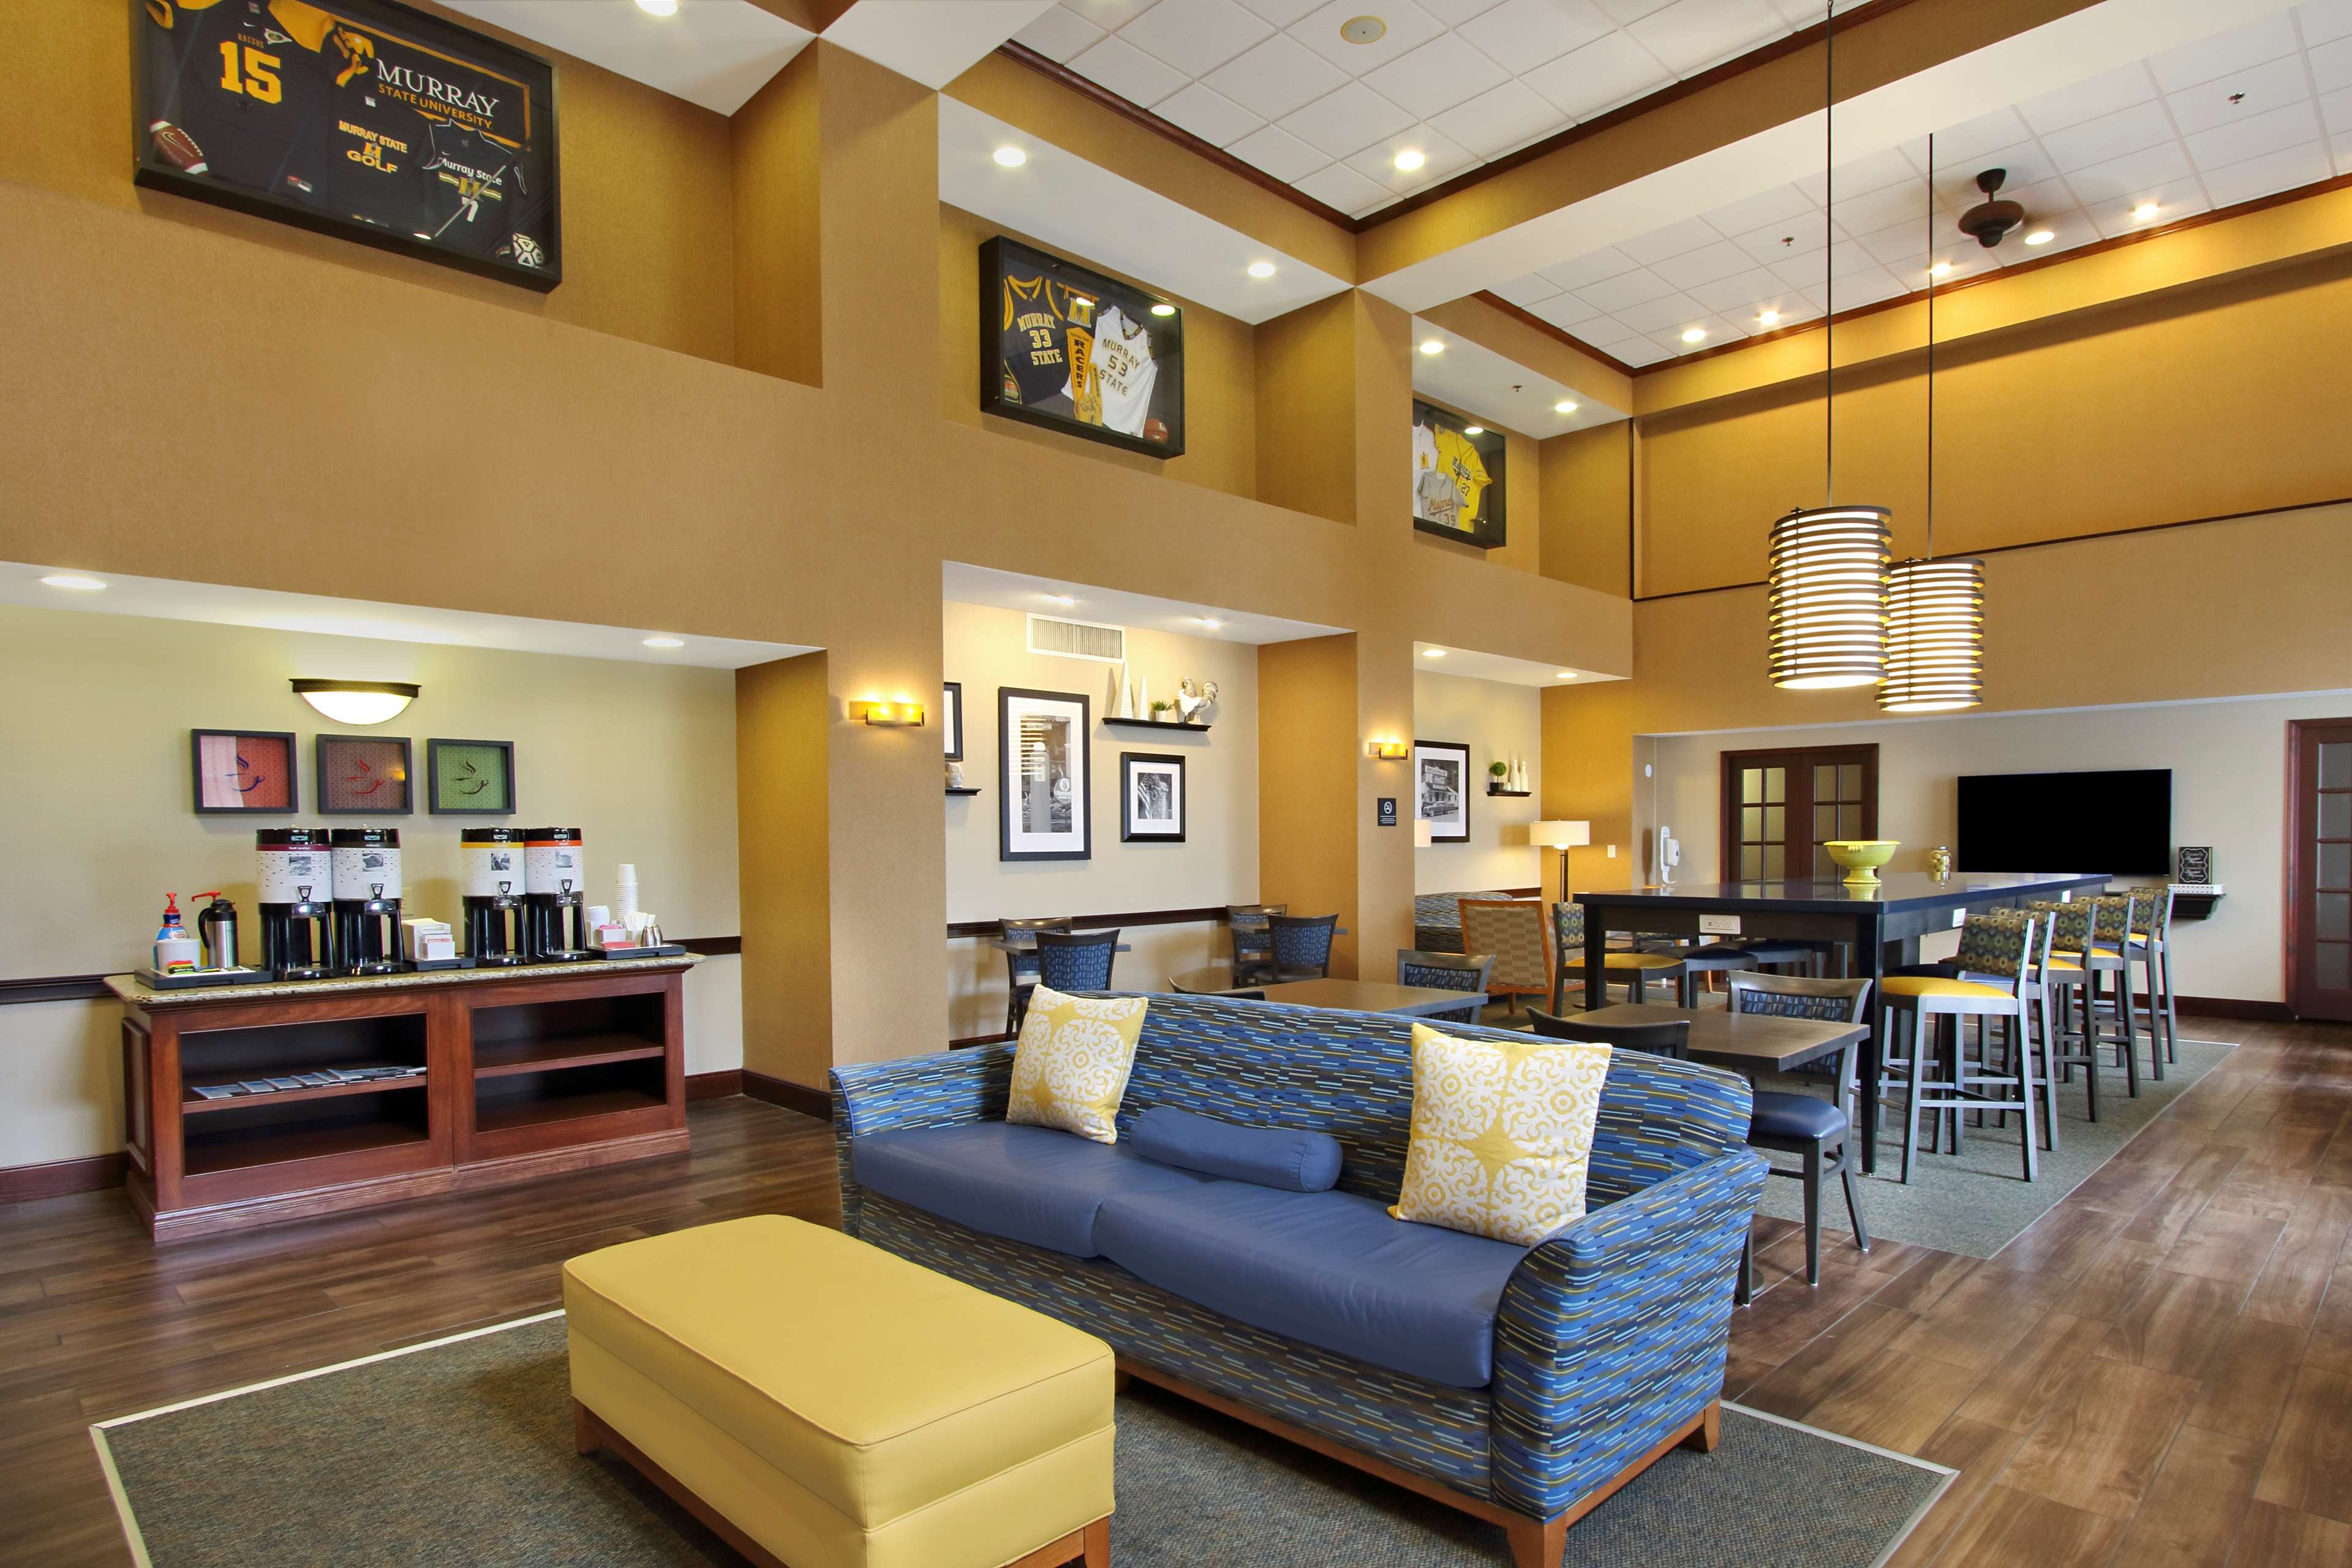 Hampton Inn & Suites Murray image 4